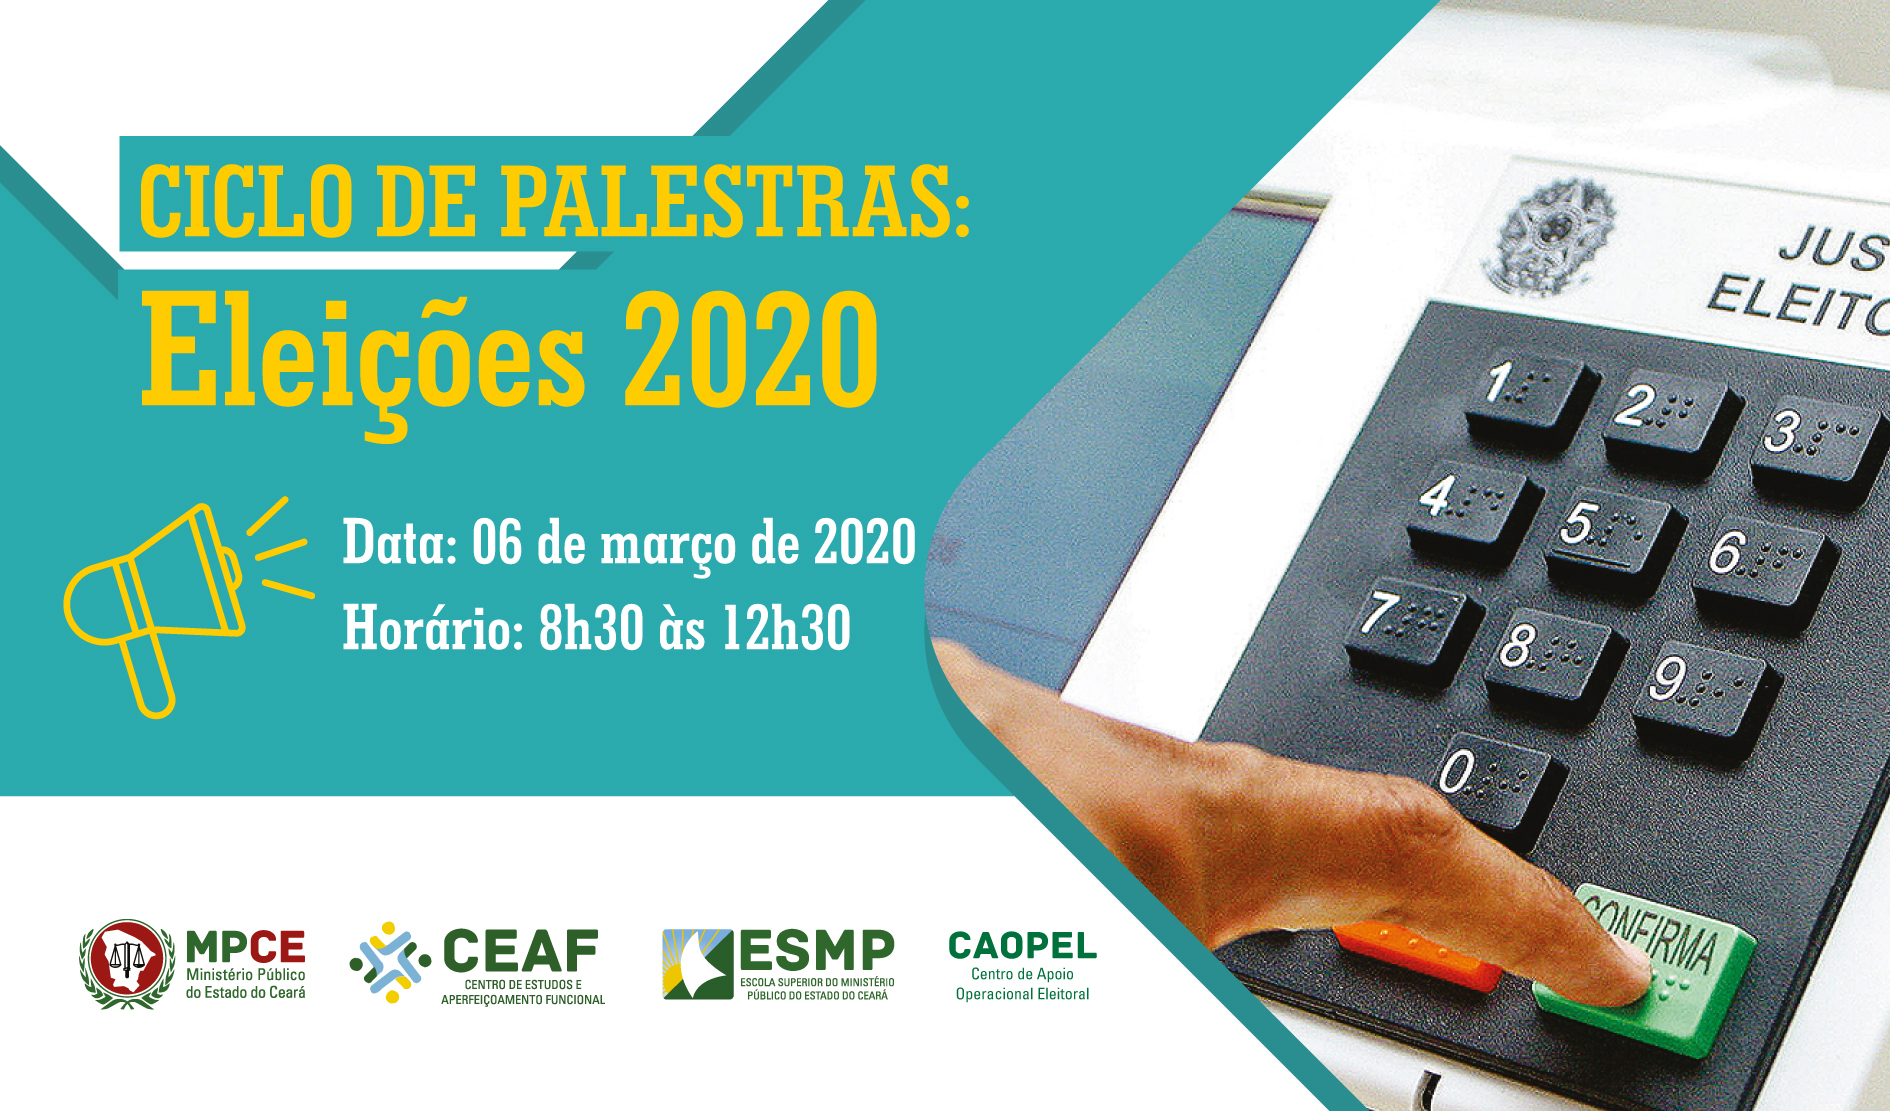 CICLO DE PALESTRAS: ELEIÇÕES 2020 - FISCALIZAÇÃO DOS ILÍCITOS ELEITORAIS A PARTIR DA PRÉ-CAMPANHA E PROPAGANDA ELEITORAL ANTECIPADA